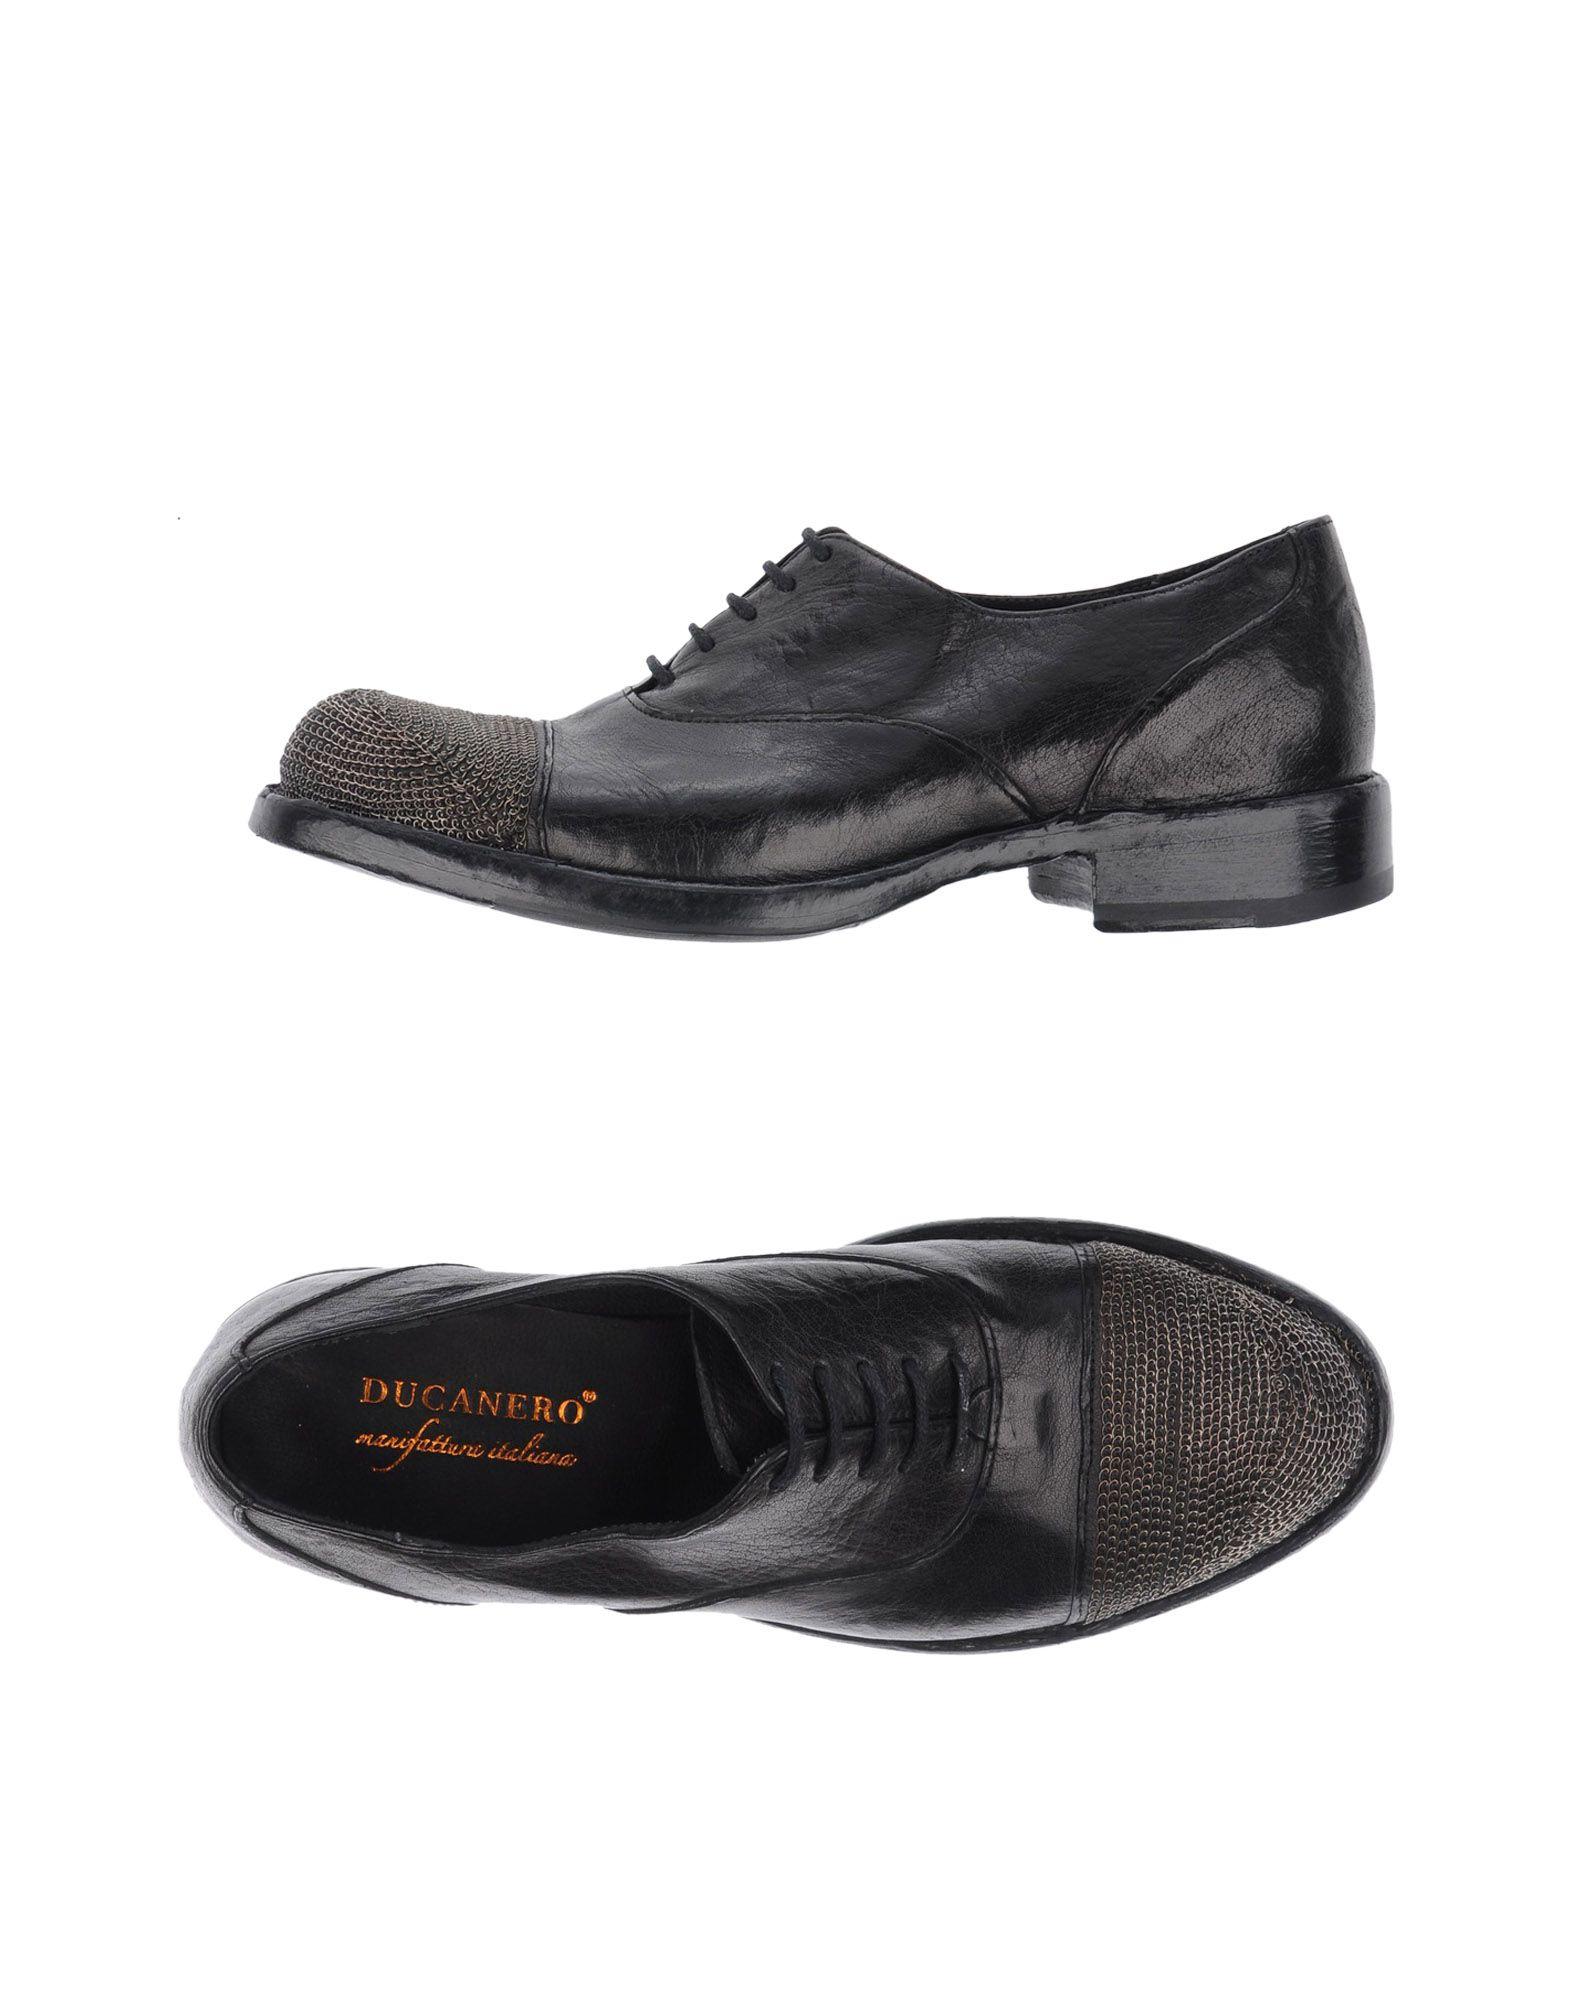 Chaussures À Lacets Ducanero Femme - Chaussures À Lacets Ducanero sur